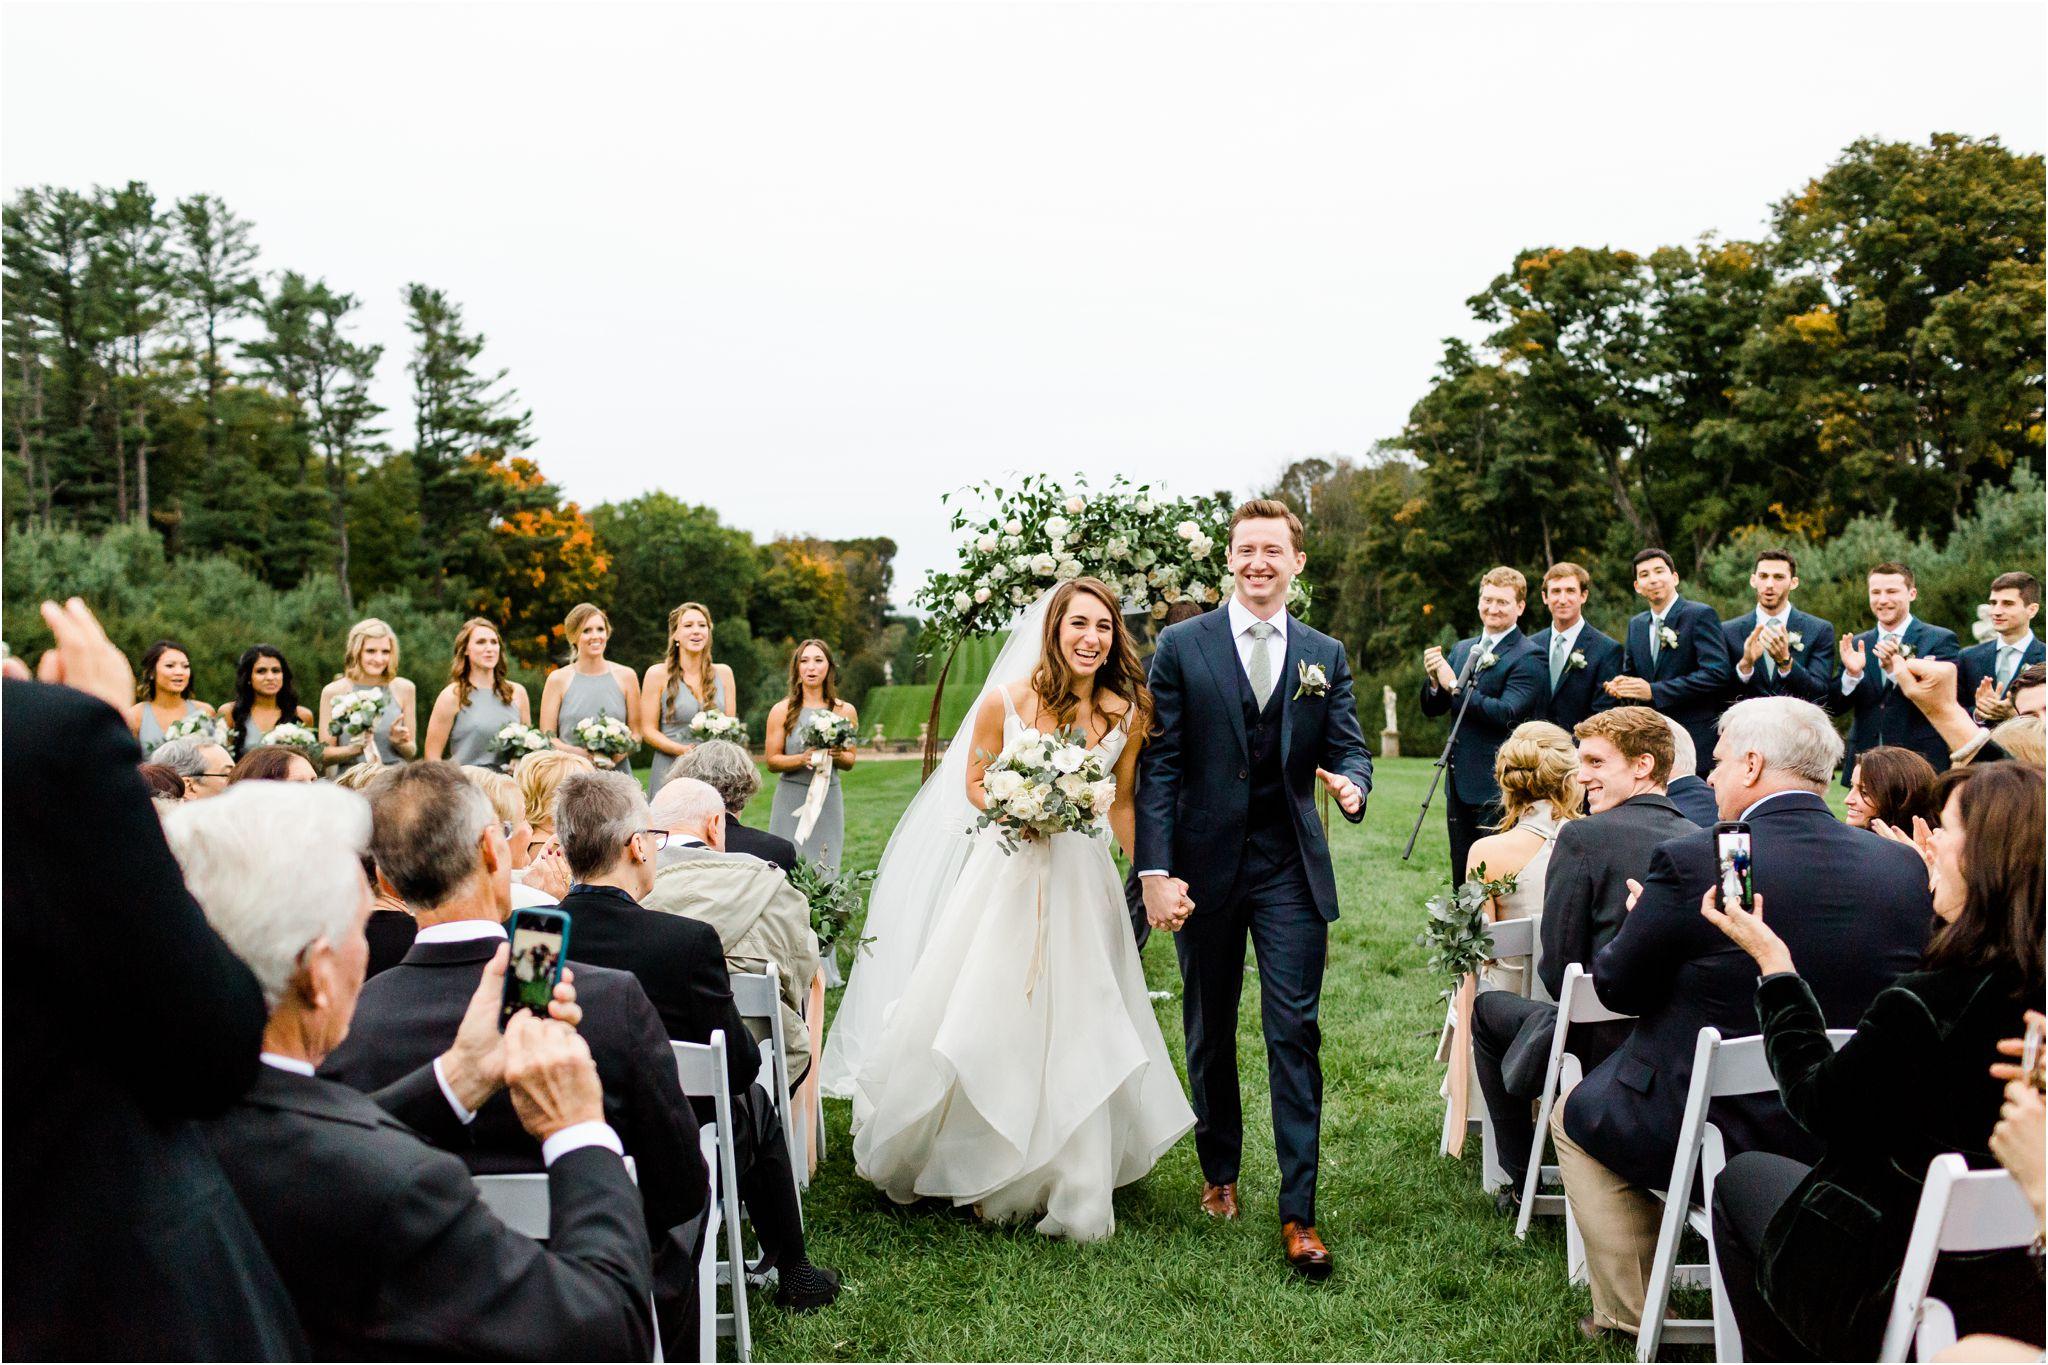 Crane-Estate-Wedding-Ceremony-Photos